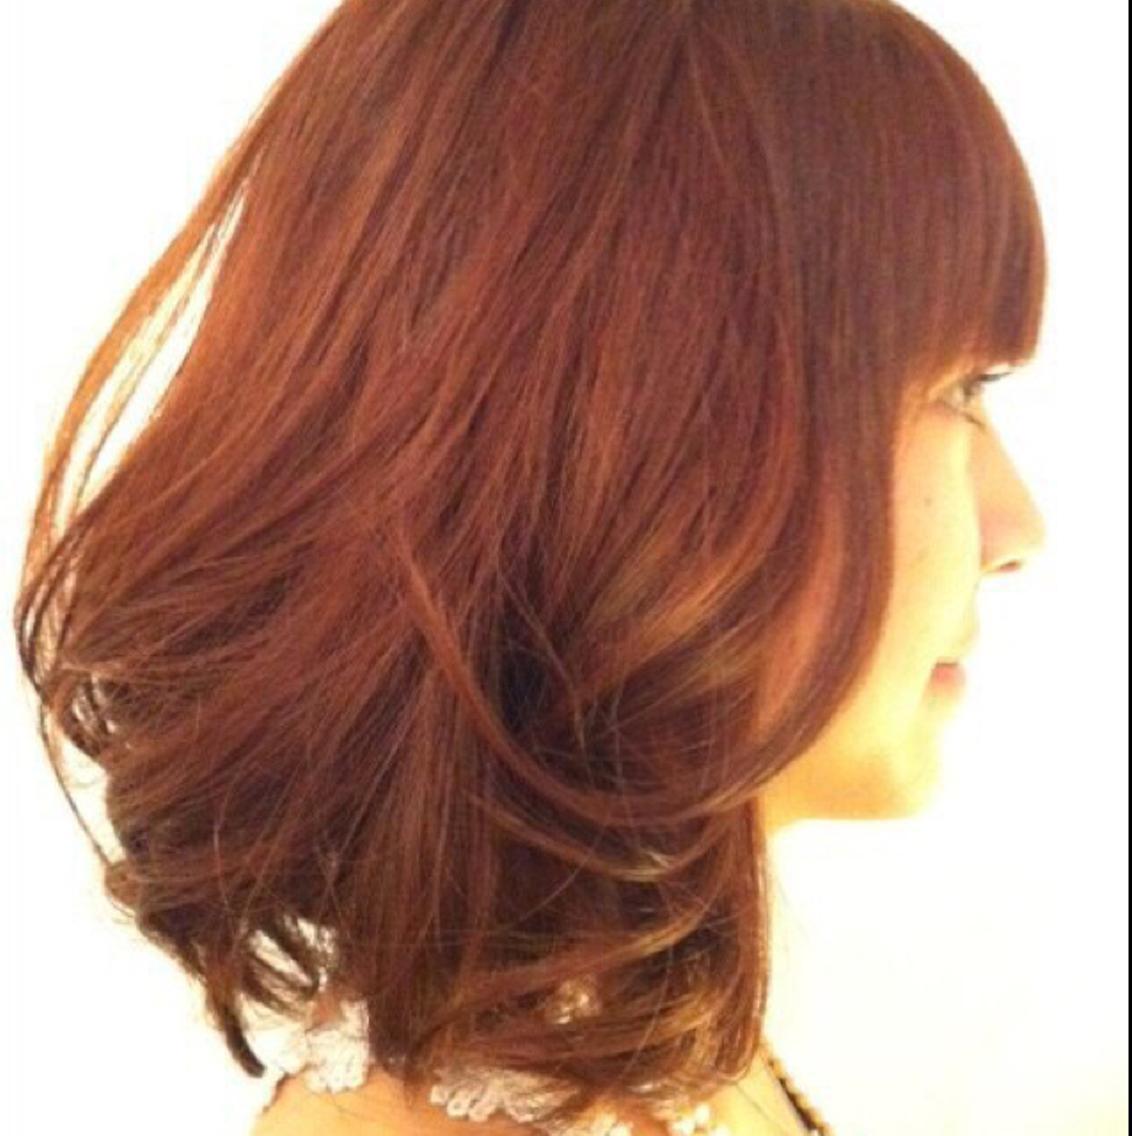 健やかで綺麗な美髪、美頭皮にしてみませんか!?本格炭酸水ヘッドスパ。約40分¥2000-